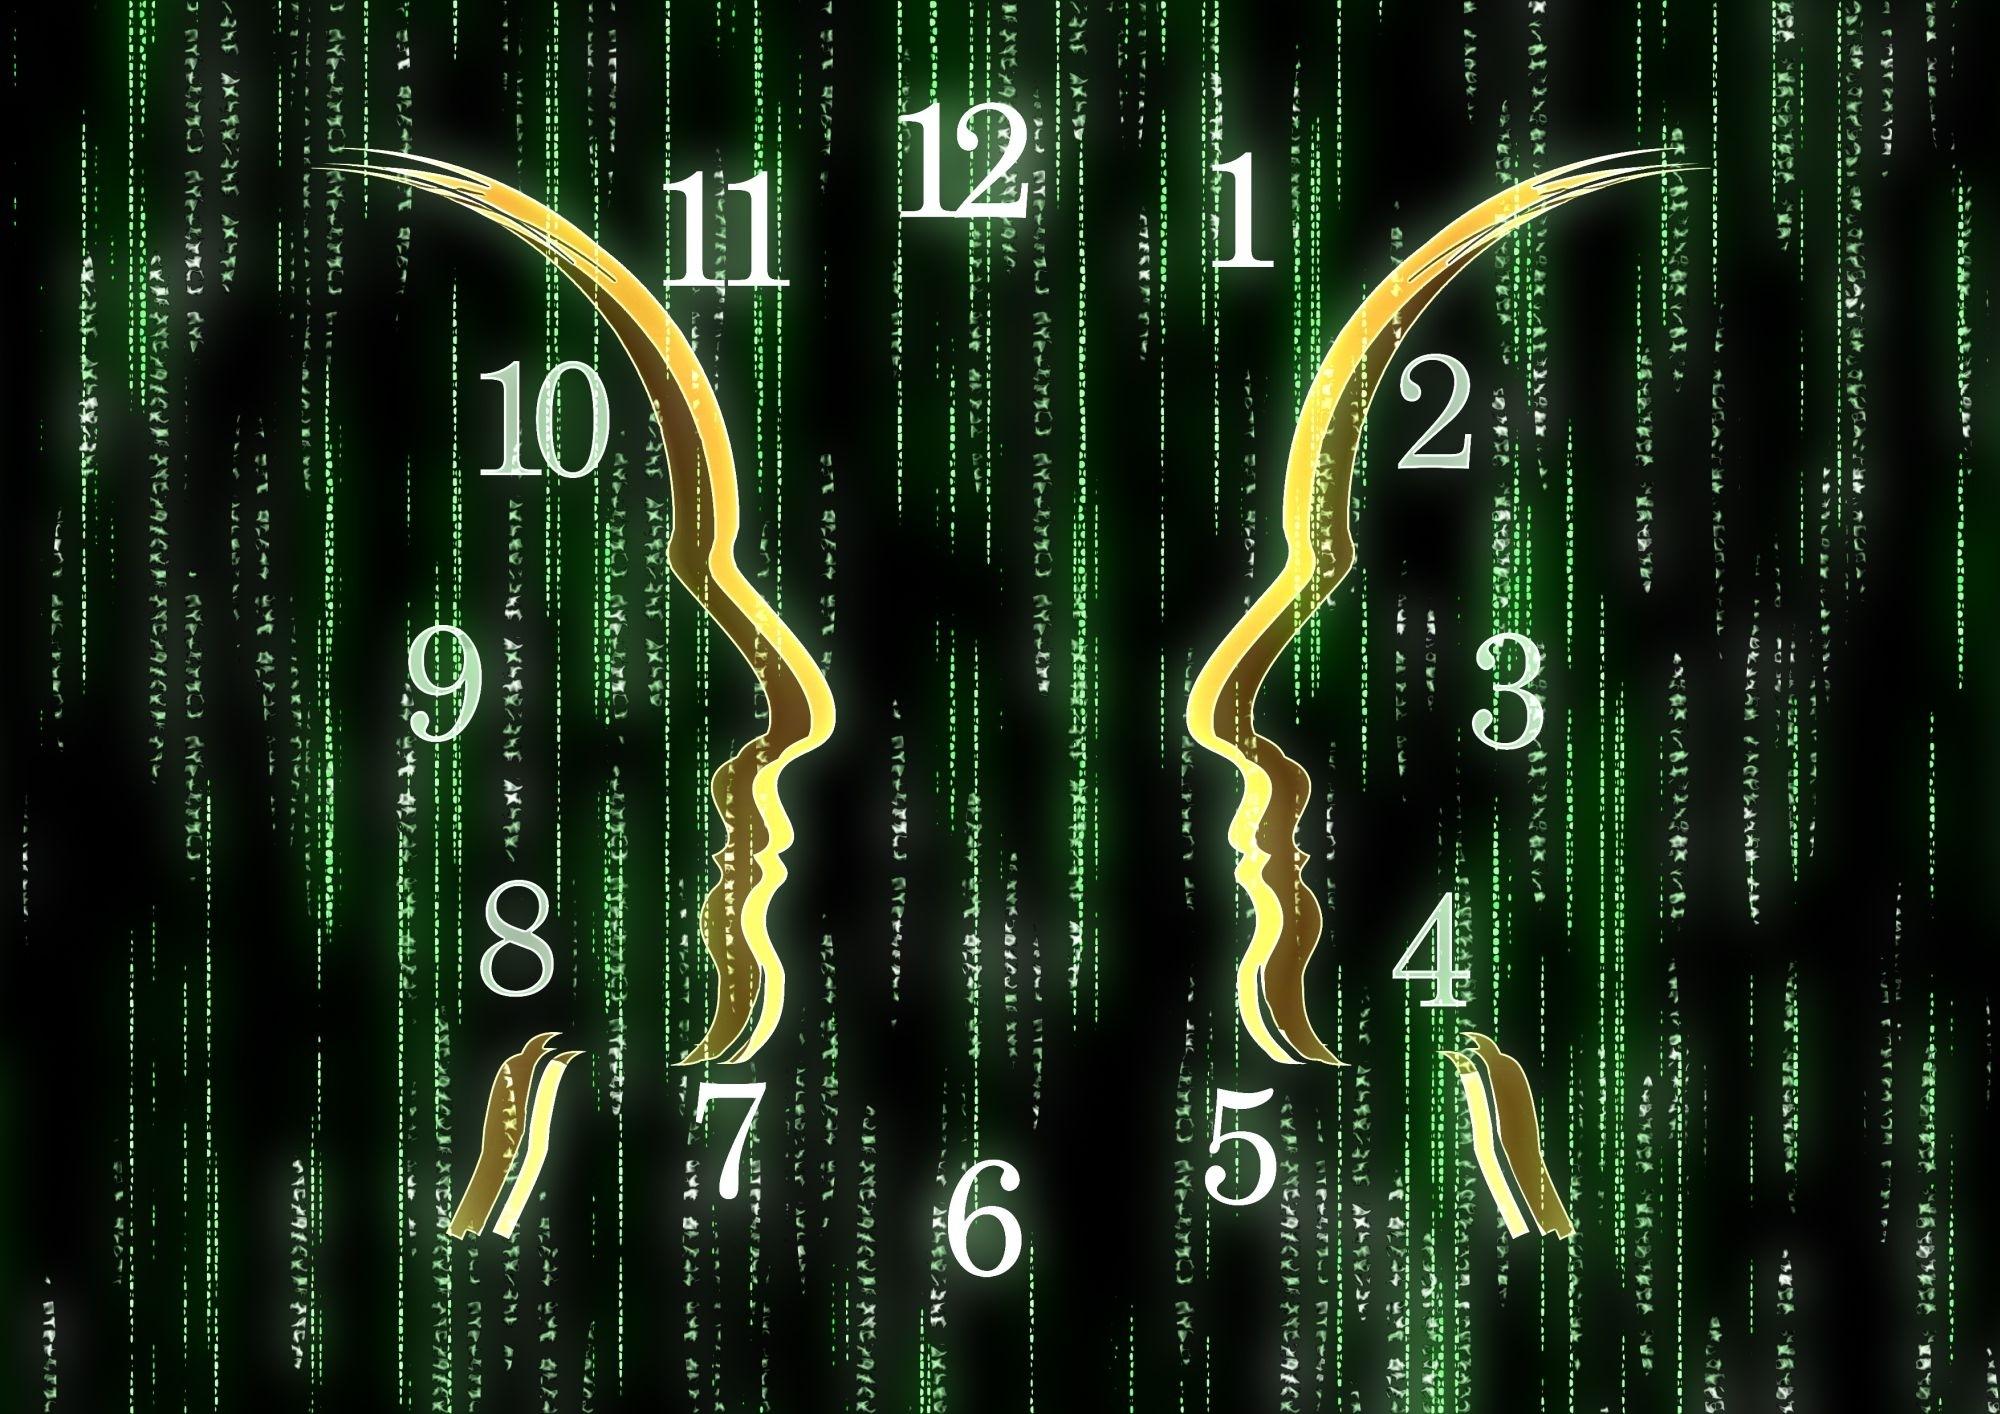 Rozwój technologii pozwala na dostosowanie komunikacji marek  do potrzeb użytkownika w czasie rzeczywistym.